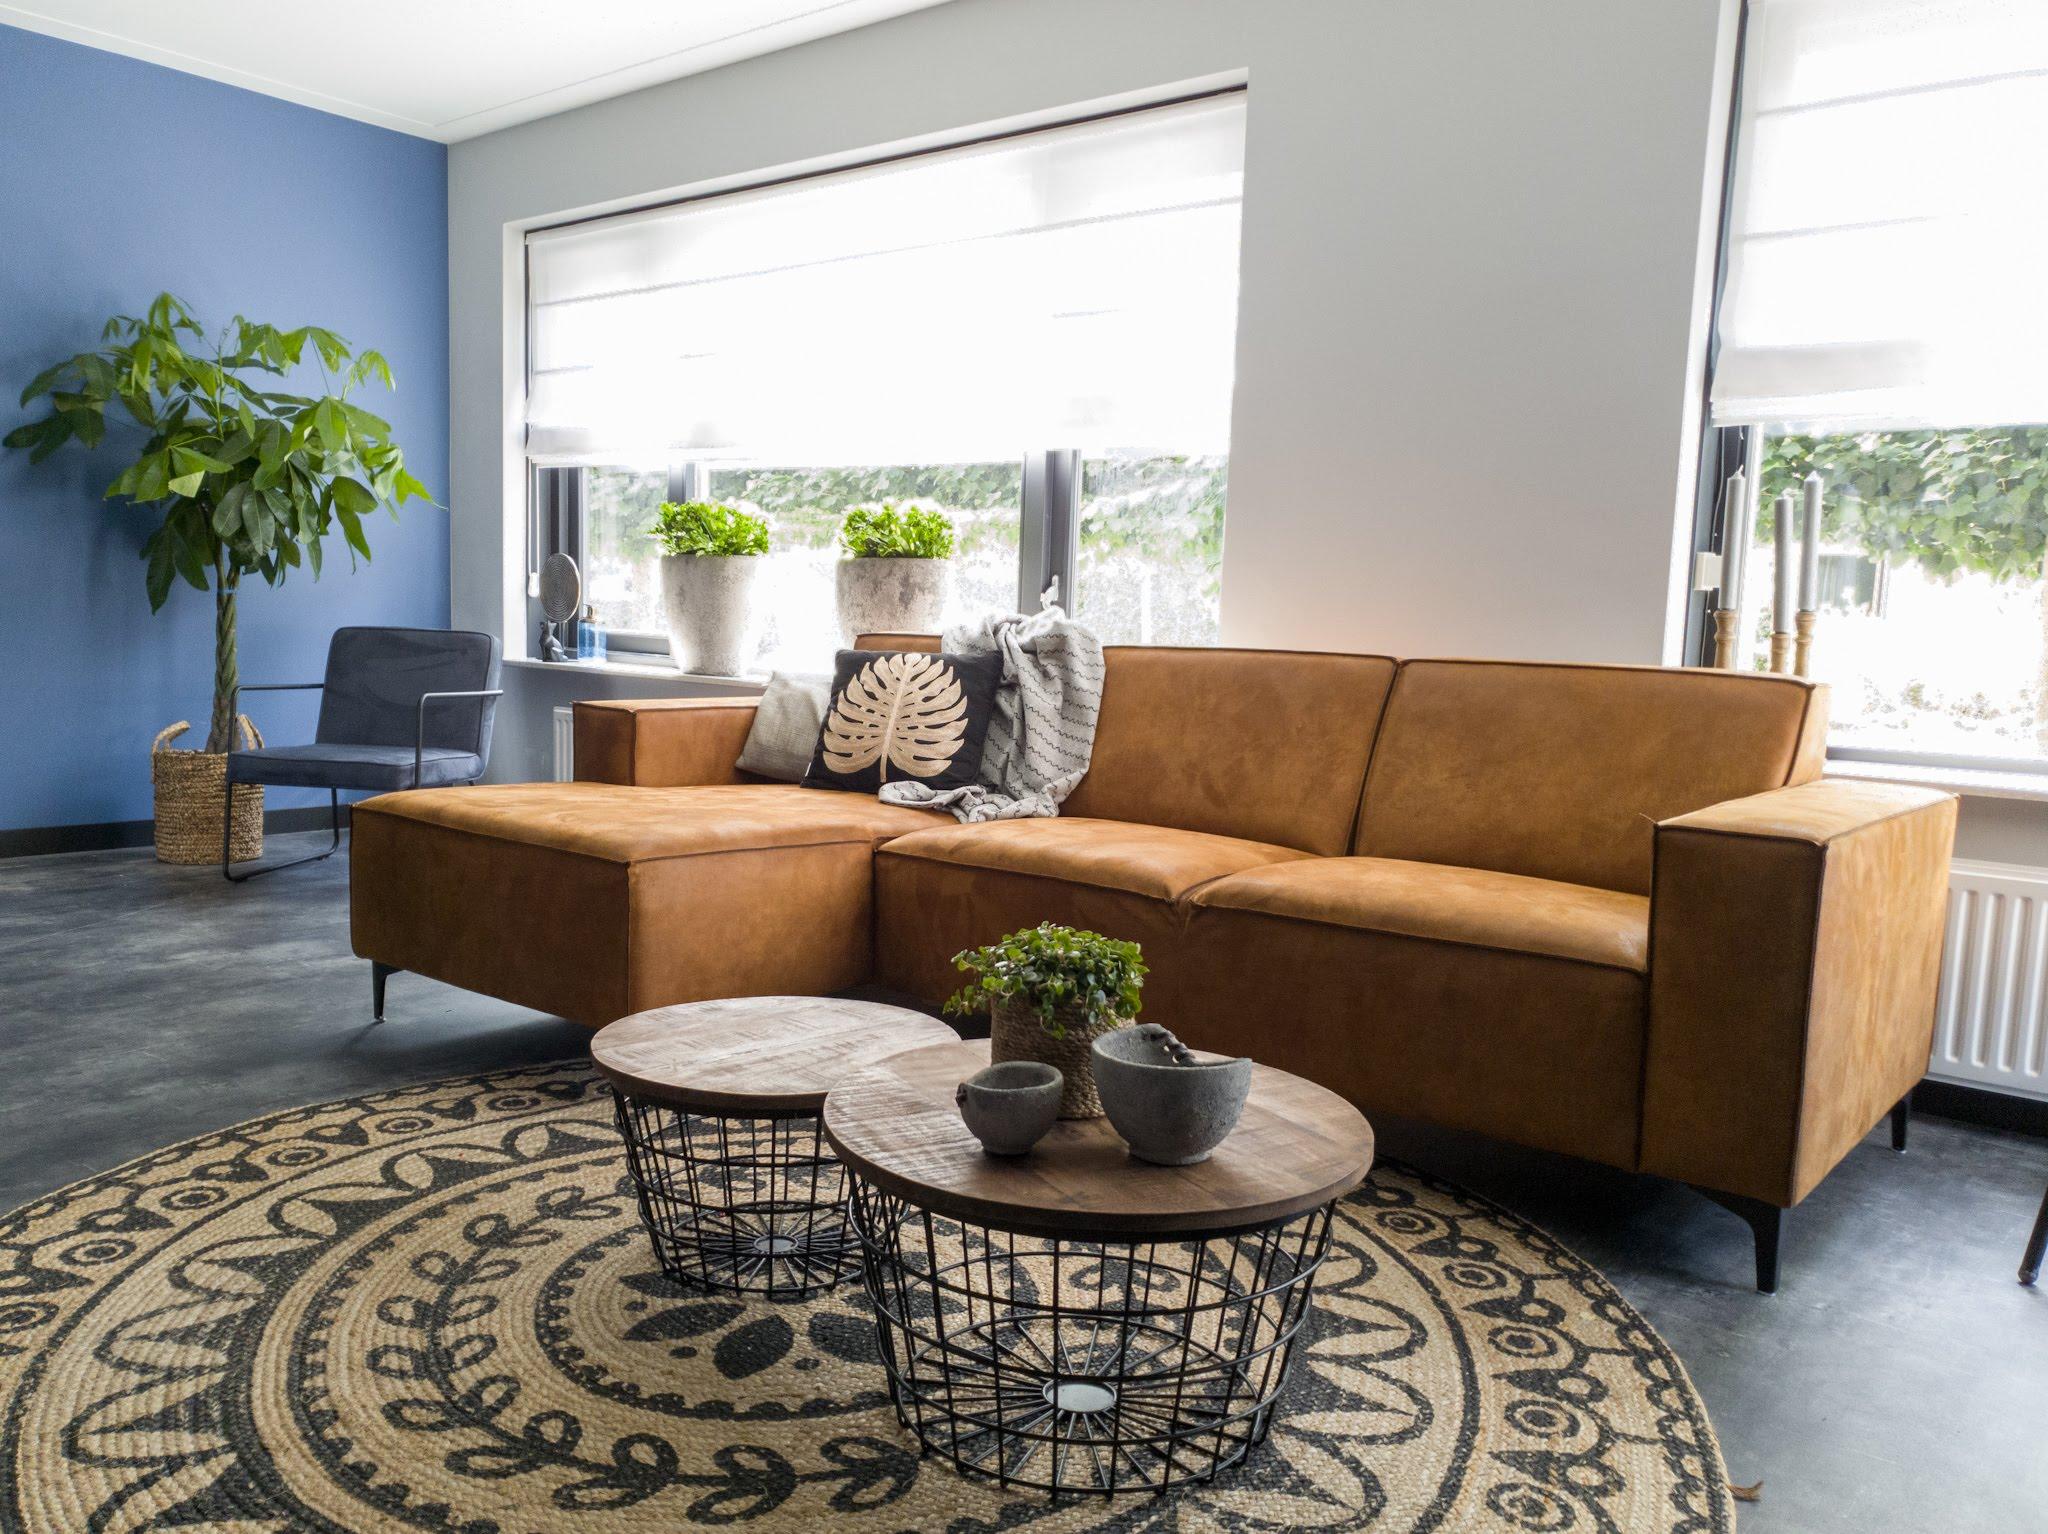 Herinrichting kleuradvies interieurontwerp woonkamer eetkamer cognac zwart blauw (5)